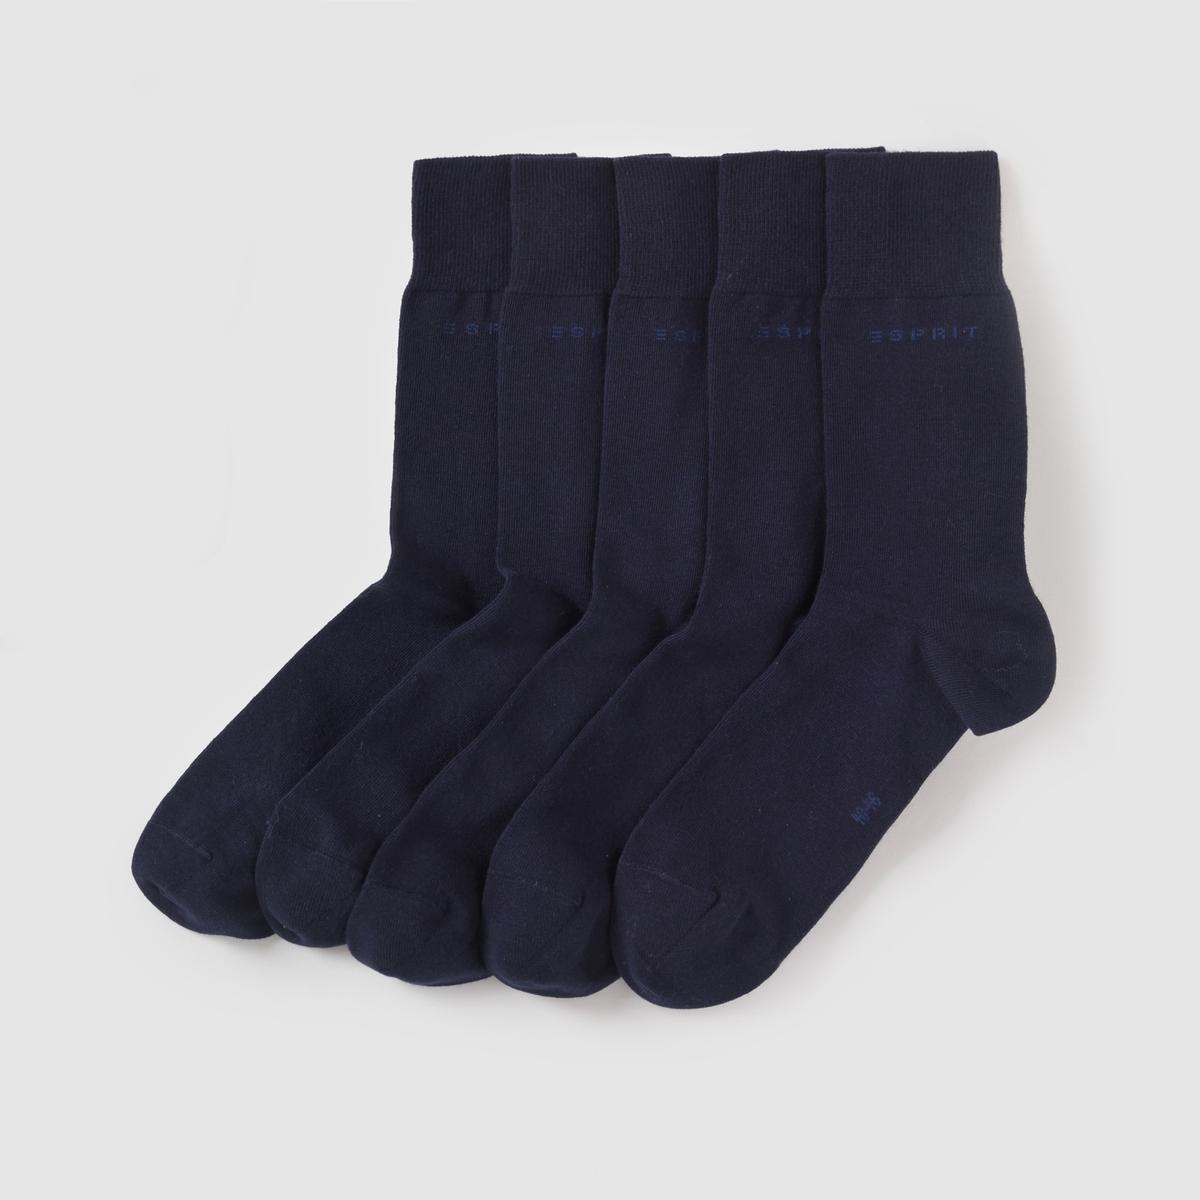 5 пар носковСостав и описание :Материал : 75% хлопка, 23% полиамида, 2% эластана.Марка : ESPRIT.<br><br>Цвет: антрацит,темно-синий,черный